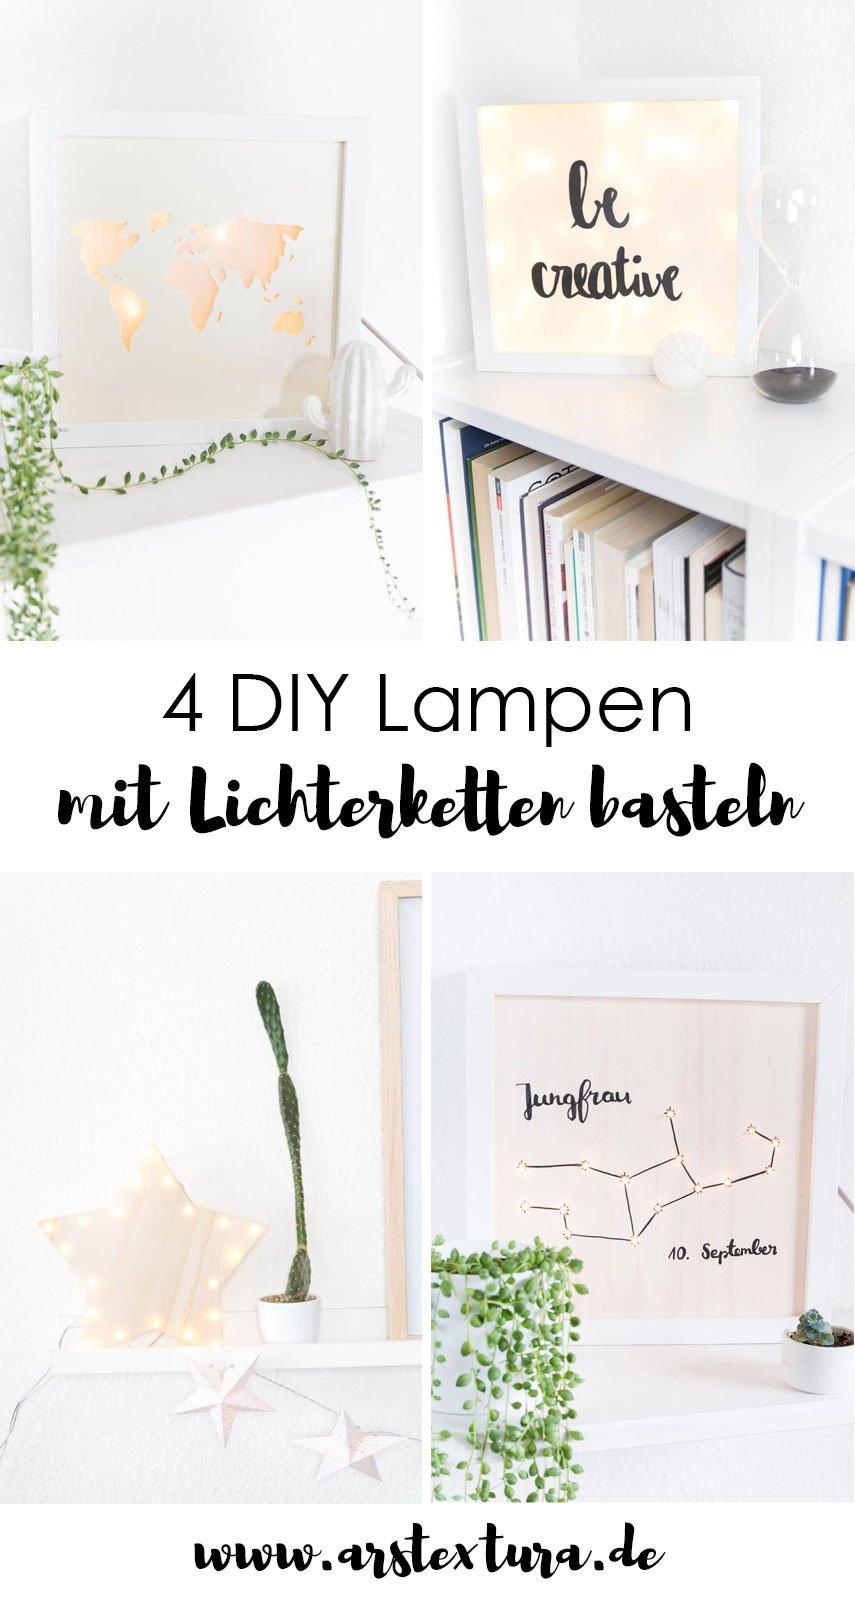 DIY Lightbox und Lampen mit Lichterketten selber machen - schöne DIY Dekoration für die Wohnung basteln und ein gemütliches Licht in die Wohnung zaubern | ars textura - DIY Blog